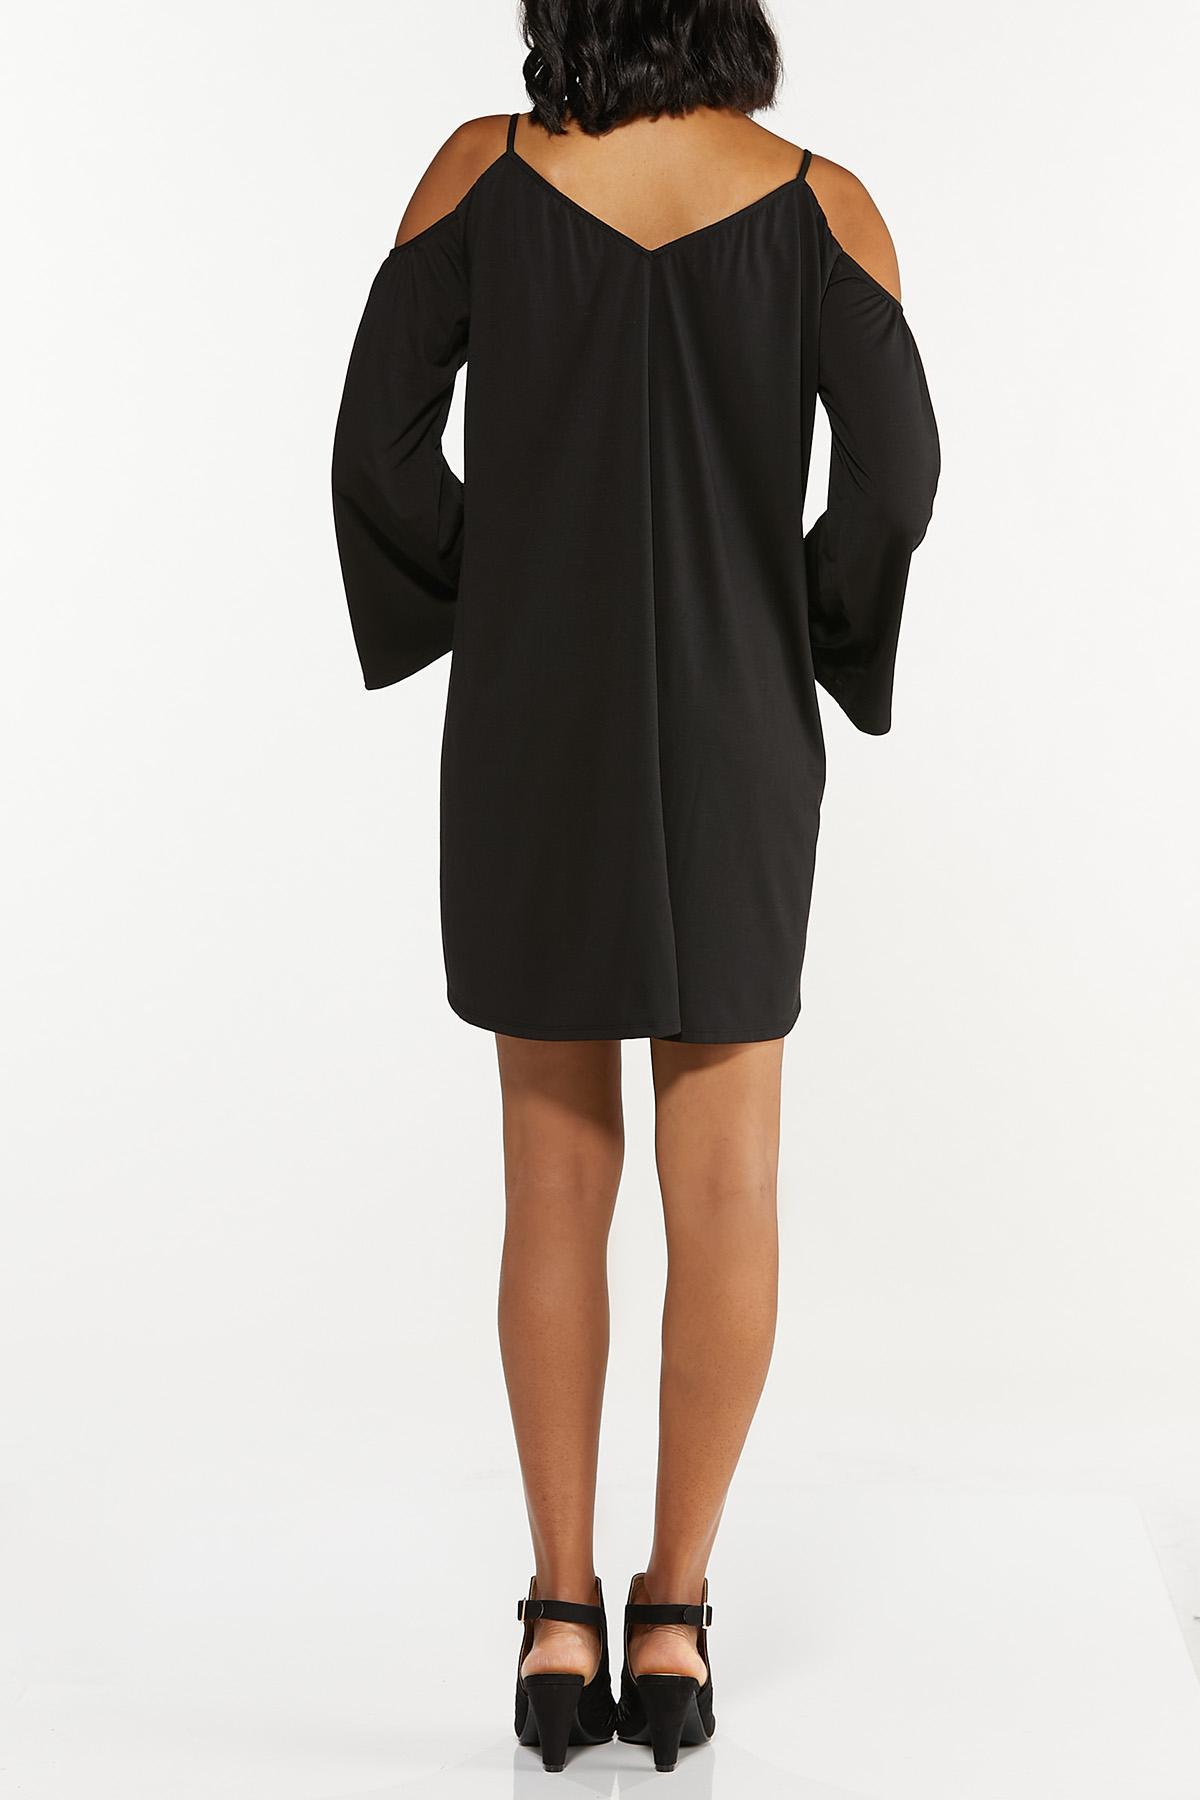 Cold Shoulder Swing Dress (Item #44692848)